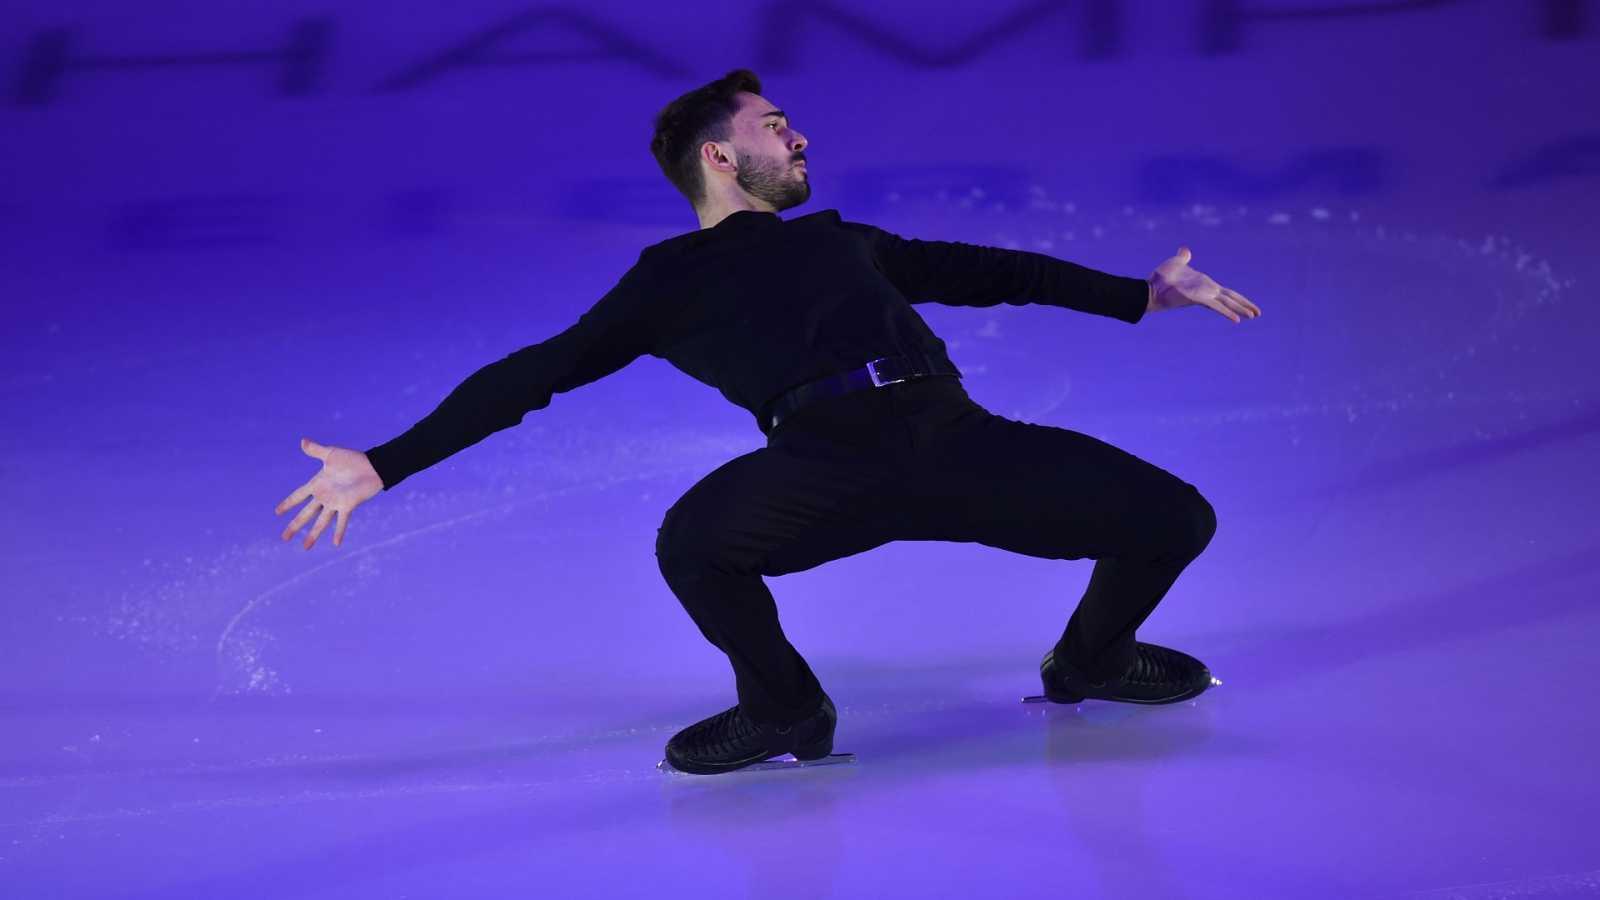 Patinaje artístico - Campeonato de Europa. Gala de exhibición - ver ahora